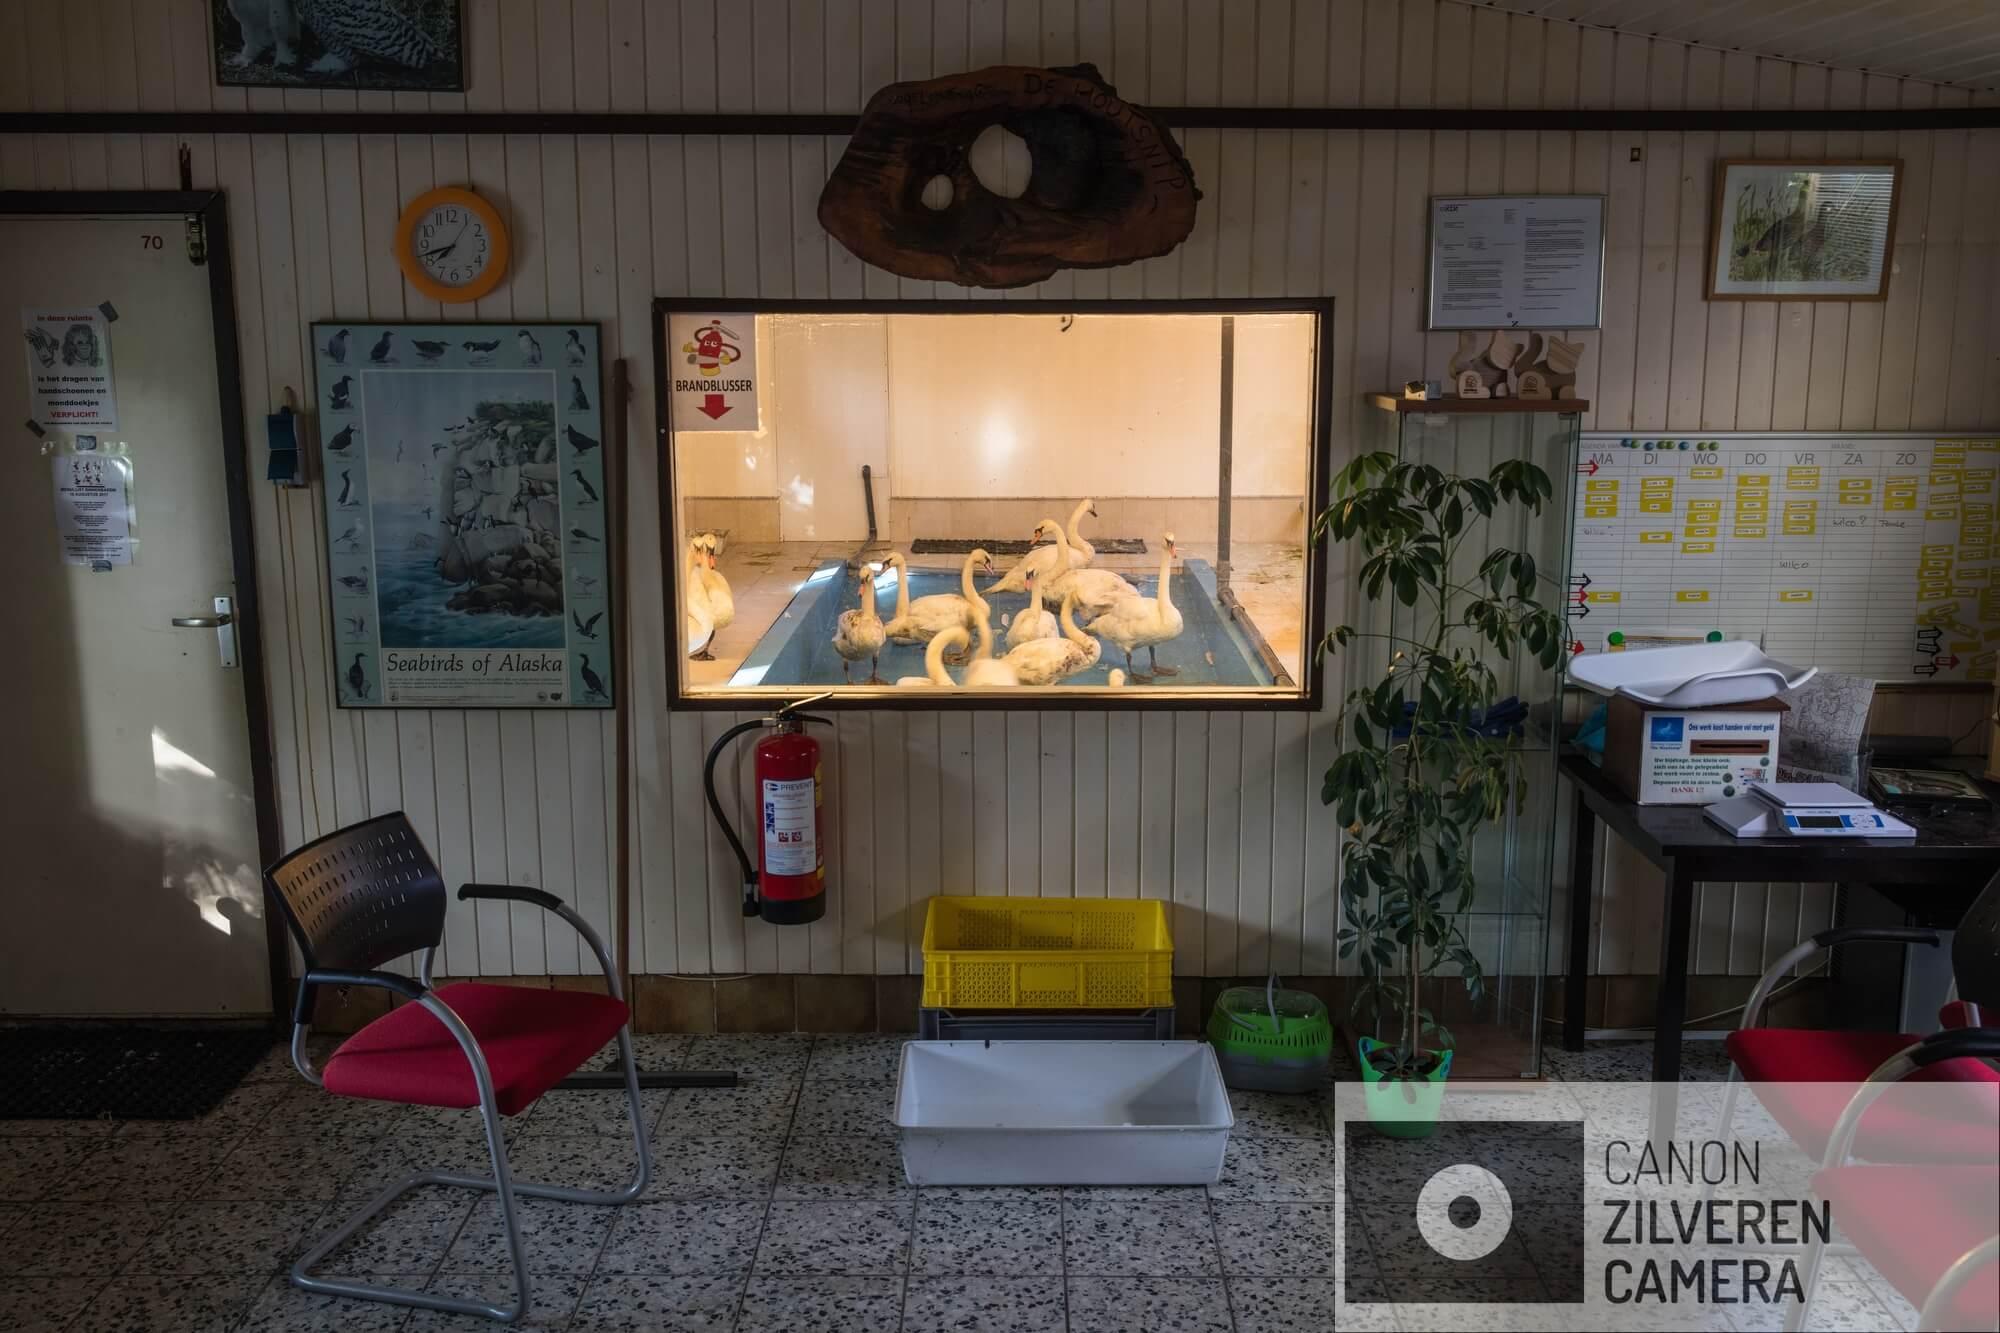 Iedere beschikbare ruimte in het opvangcentrum wordt benut voor de opvang van de zwanen. Op 23 juni 2018 is er een enorme olievlek ontstaan in de Rotterdamse haven nadat een tanker tegen een steiger was gebotst. Meer dan 200 ton olie kwam in het water terecht, met ernstige gevolgen voor de watervogels in het gebied waaronder de zwanen. Deze fotoserie is gemaakt bij een vogelopvangcentrum in Hoek van Holland (de Houtsnip), waar met man en macht is gewerkt om de besmeurde zwanen te reinigen en goed op te vangen. De naam van de serie ziet op de aanpak van Vogelopvang de Houtsnip, die bewust afweek van het protocol voor wassen van met olie verontreinigde vogels. Dit protocol schrijft voor dat je na het vangen twee of drie dagen moet wachten met de reiniging om de vogels eerst weer op krachten te laten komen en te laten 'ontstressen'. De Houtsnip gelooft echter dat dit bij zwanen onverantwoord is, omdat deze vogels zich continu blijven poetsen en daardoor de verontreinigde olie ook binnen krijgen. Bovendien vindt de Houtsnip dat door direct met wassen te beginnen de vogels maar 1x stress hebben en niet na twee dagen rust opnieuw in een voor hen bedreigende situatie worden gebracht. Daarnaast leken de vele vrijwilligers het zelf ook prettig te vinden om snel aan de slag te kunnen om de vogels te helpen, in plaats van lijdzaam af te wachten totdat de wachttijd voorbij is: er wordt met veel passie en inzet gewerkt. Het op de juiste wijze reinigen lijkt overigens ook een hele kunst. Het moet volgens het protocol met Dreft, dat er in grote hoeveelheden doorheen gaat. Het heel goed uitspoelen is wezenlijk, omdat anders het verenkleed wordt aangetast en de zwaan zelfs zijn drijfvermogen kan verliezen.